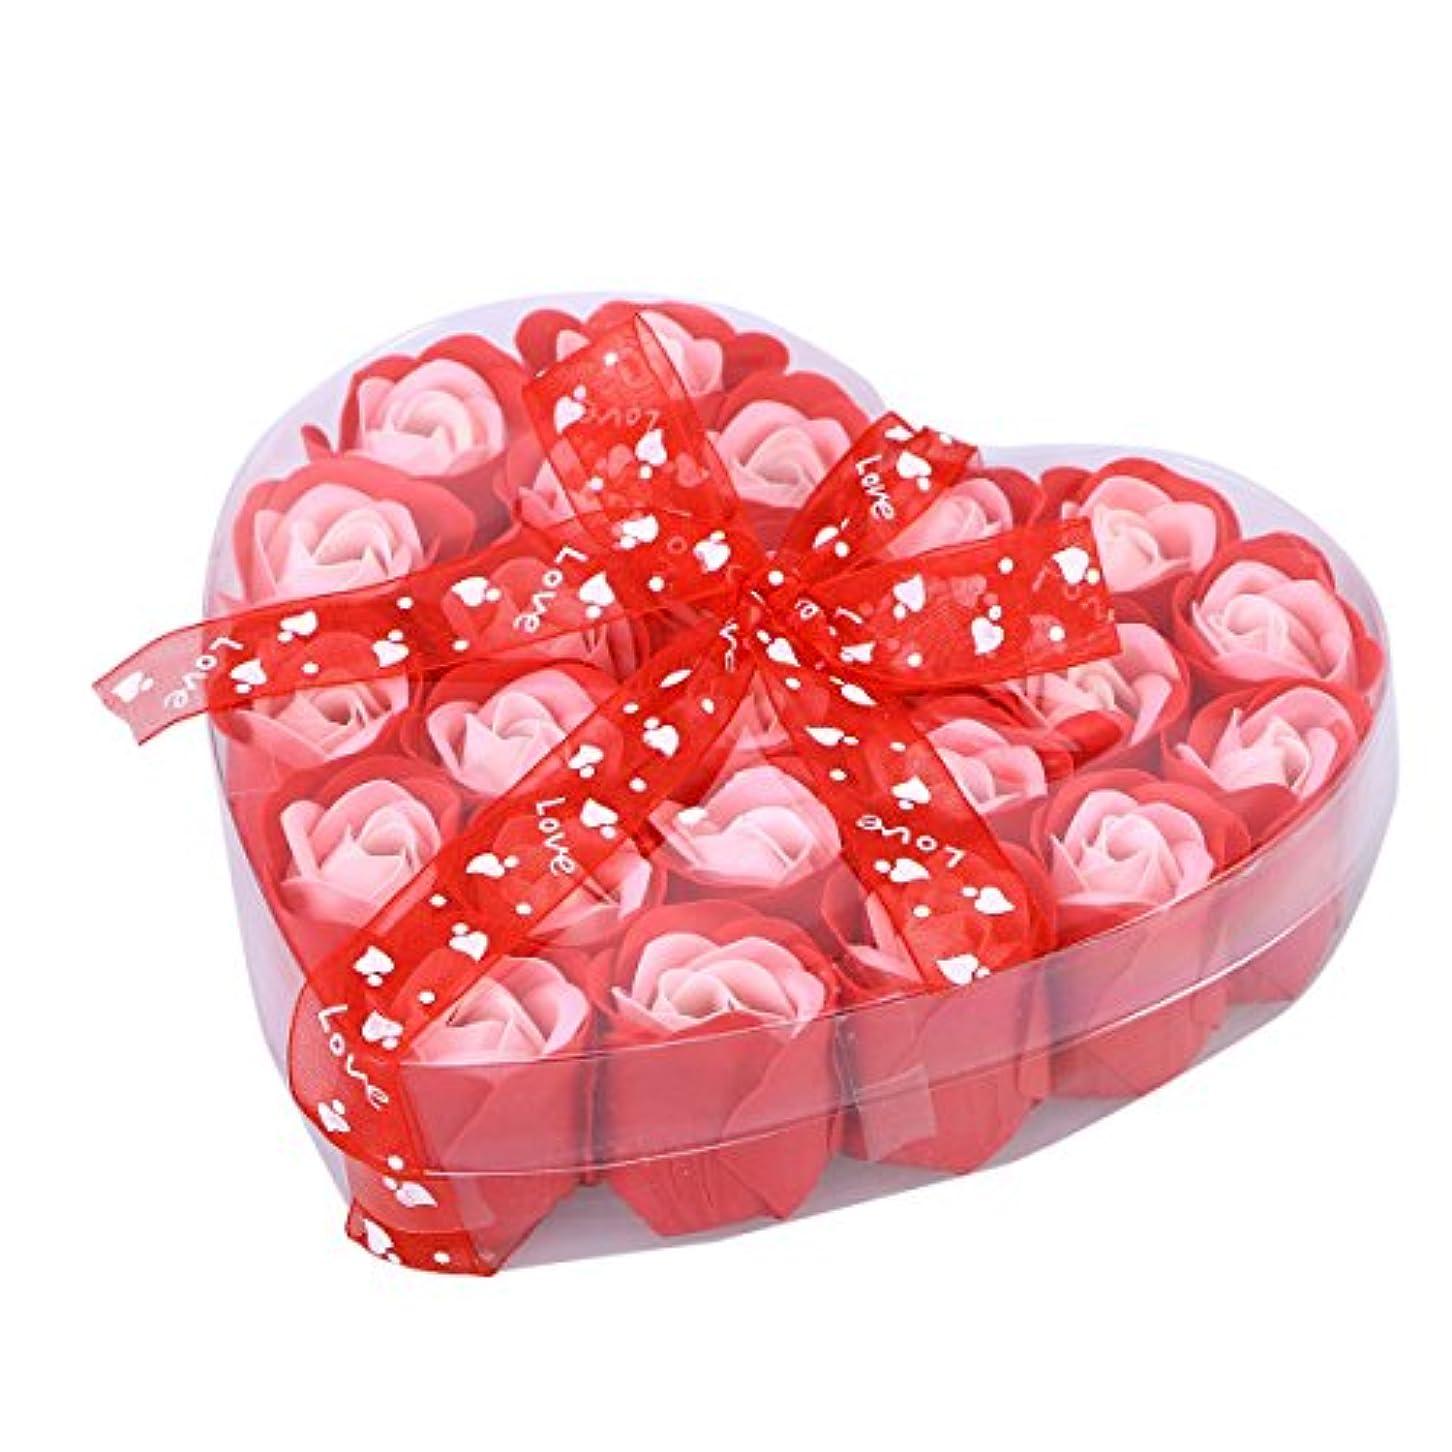 支店高音塩Healifty バレンタインデーのハートボックスに香りの石鹸バラの花びら(ランダムリボン)24個